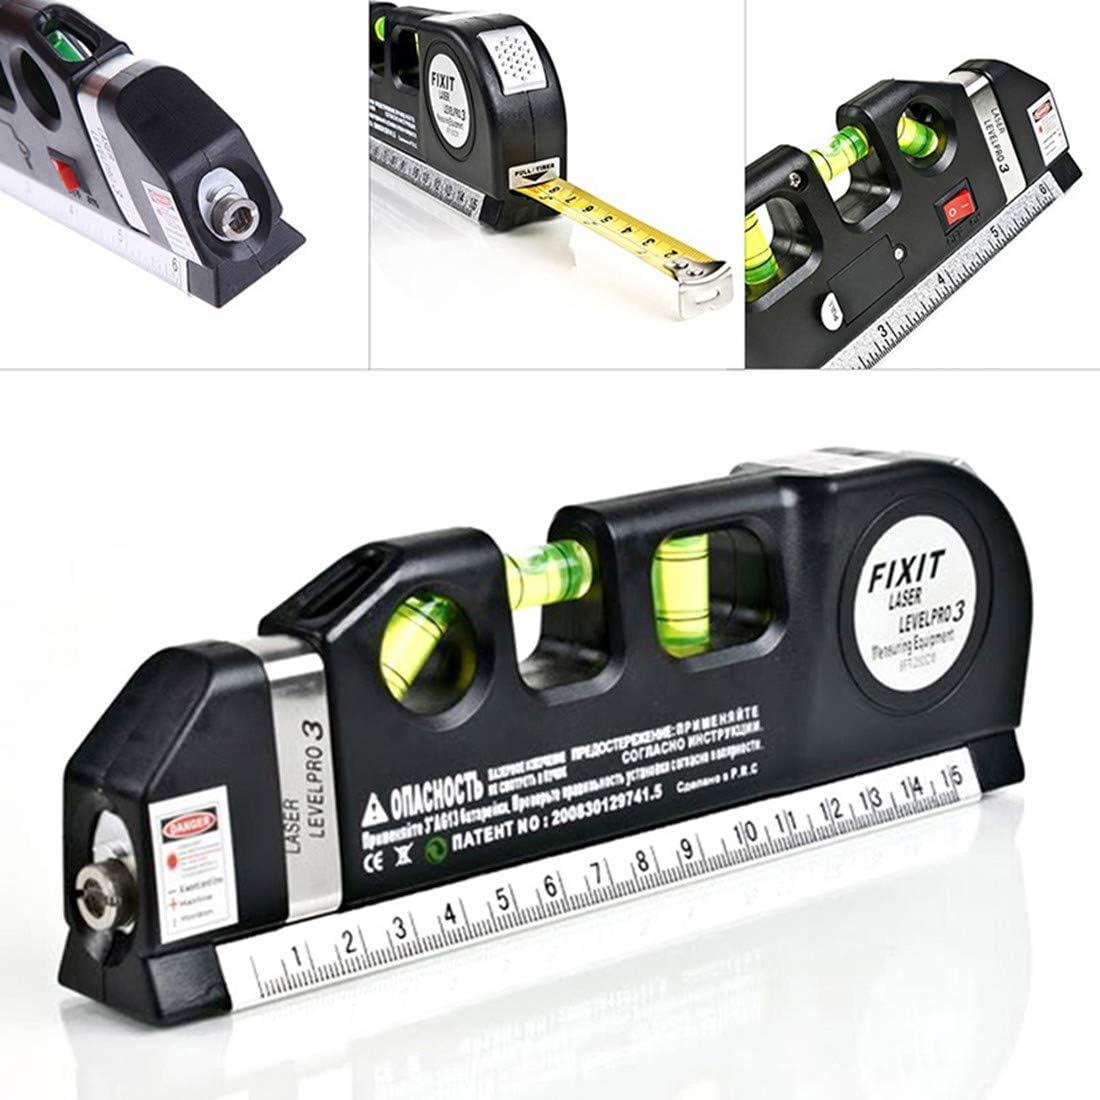 Regla de medición de proyectos rectos con guía láser industrial, para colgar cuadros